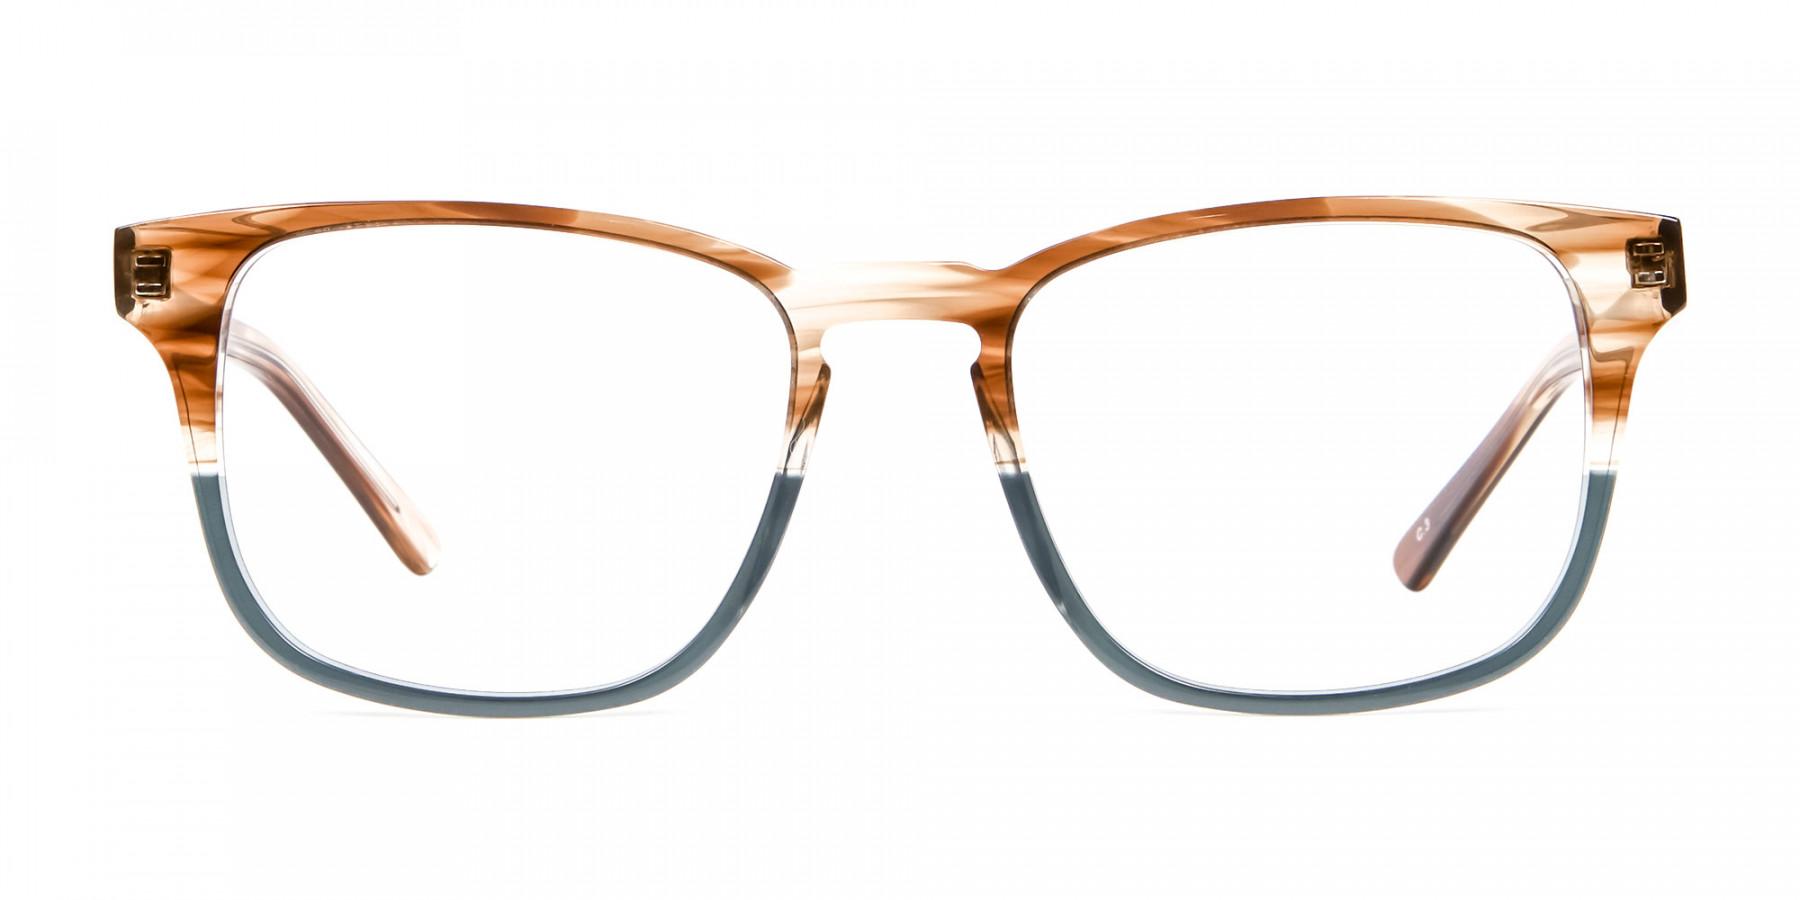 Maple Havana & Green Frames -1